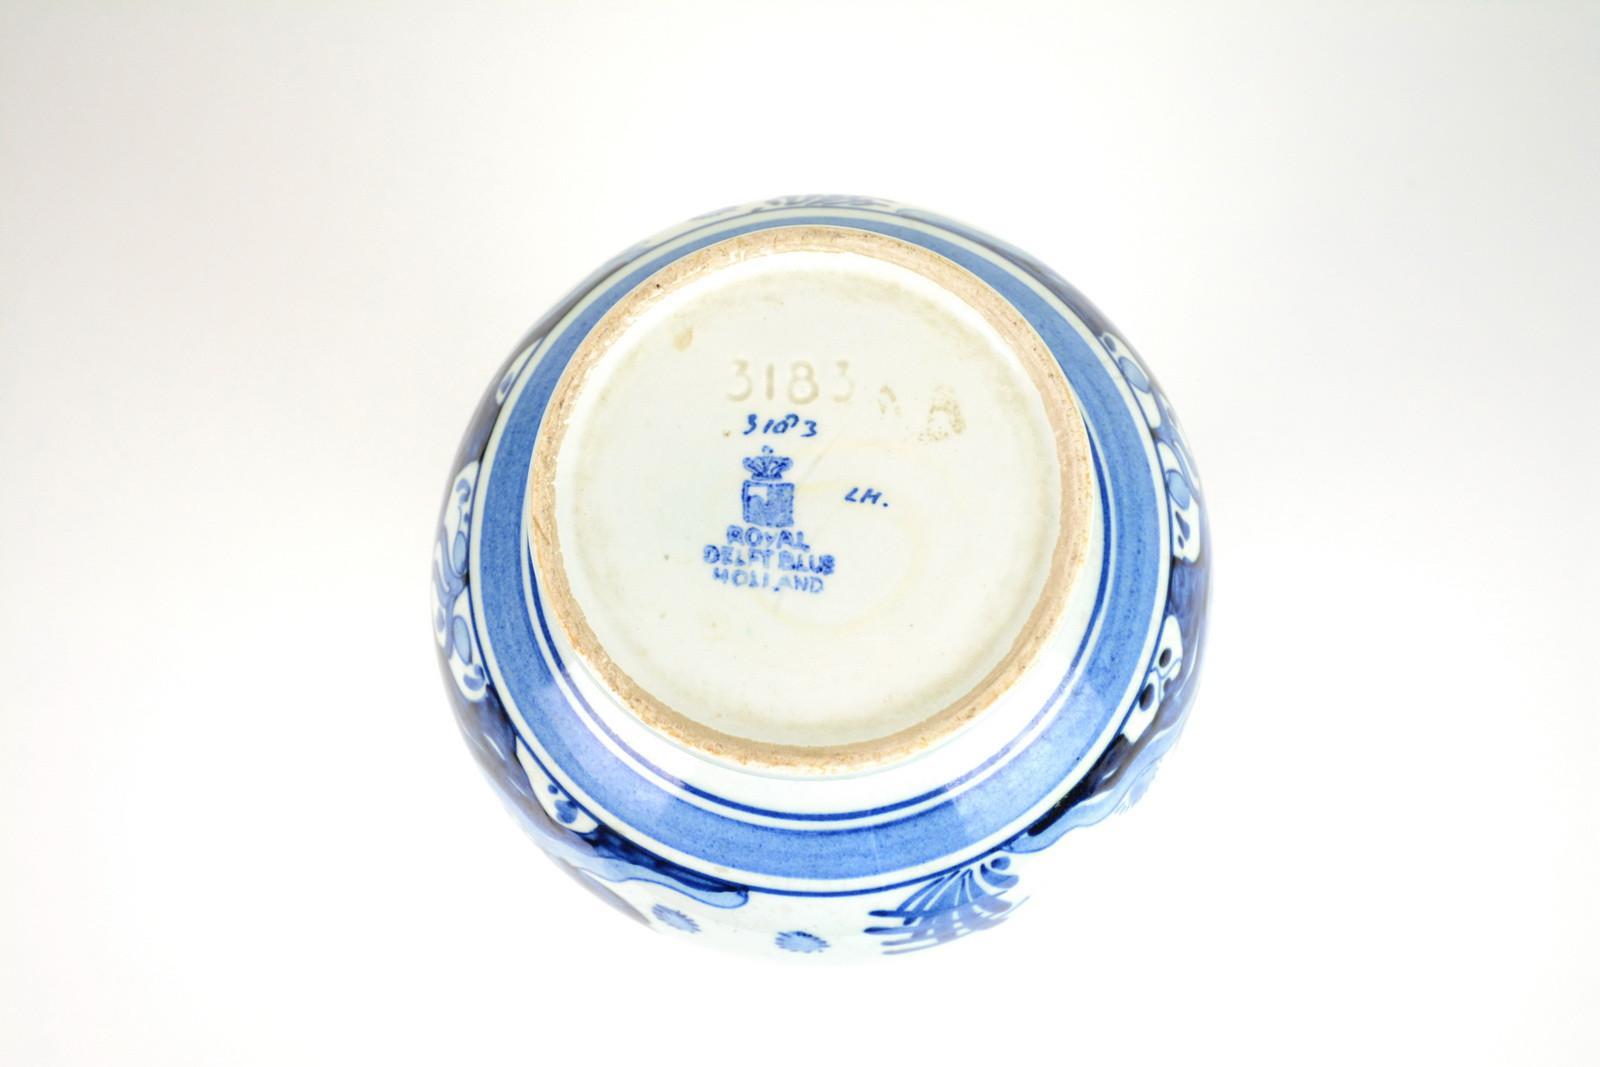 vaso-ceramica-dipinto-a-mano-decoro-blu-1,2048.jpg?WebbinsCacheCounter=1